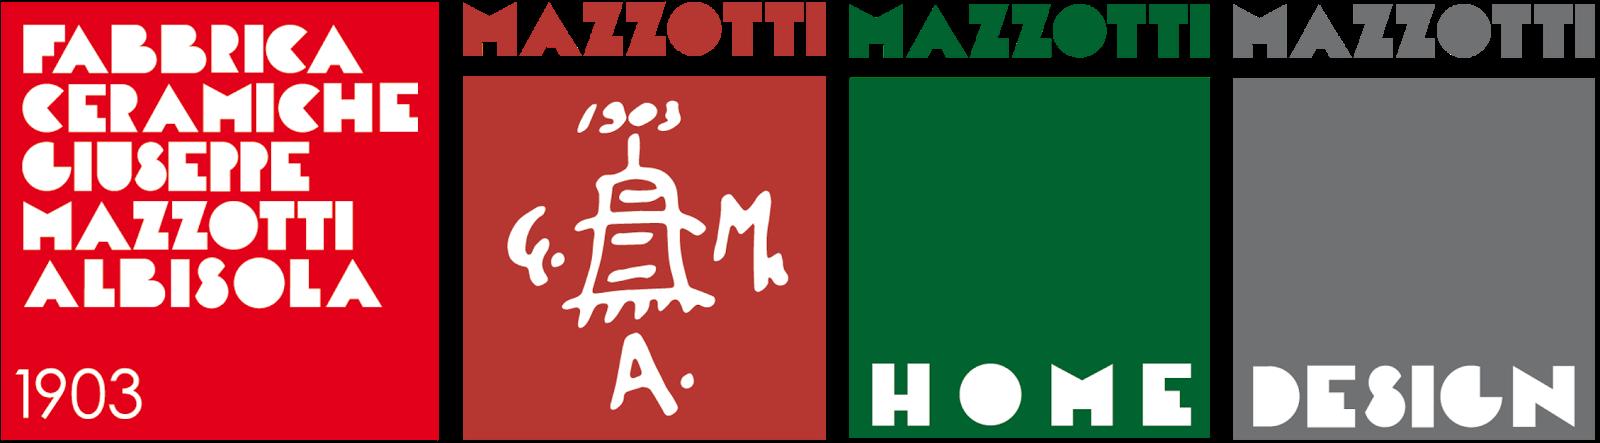 Ceramiche Mazzotti Giuseppe Albisola, per rivivere i sapori di un tempo